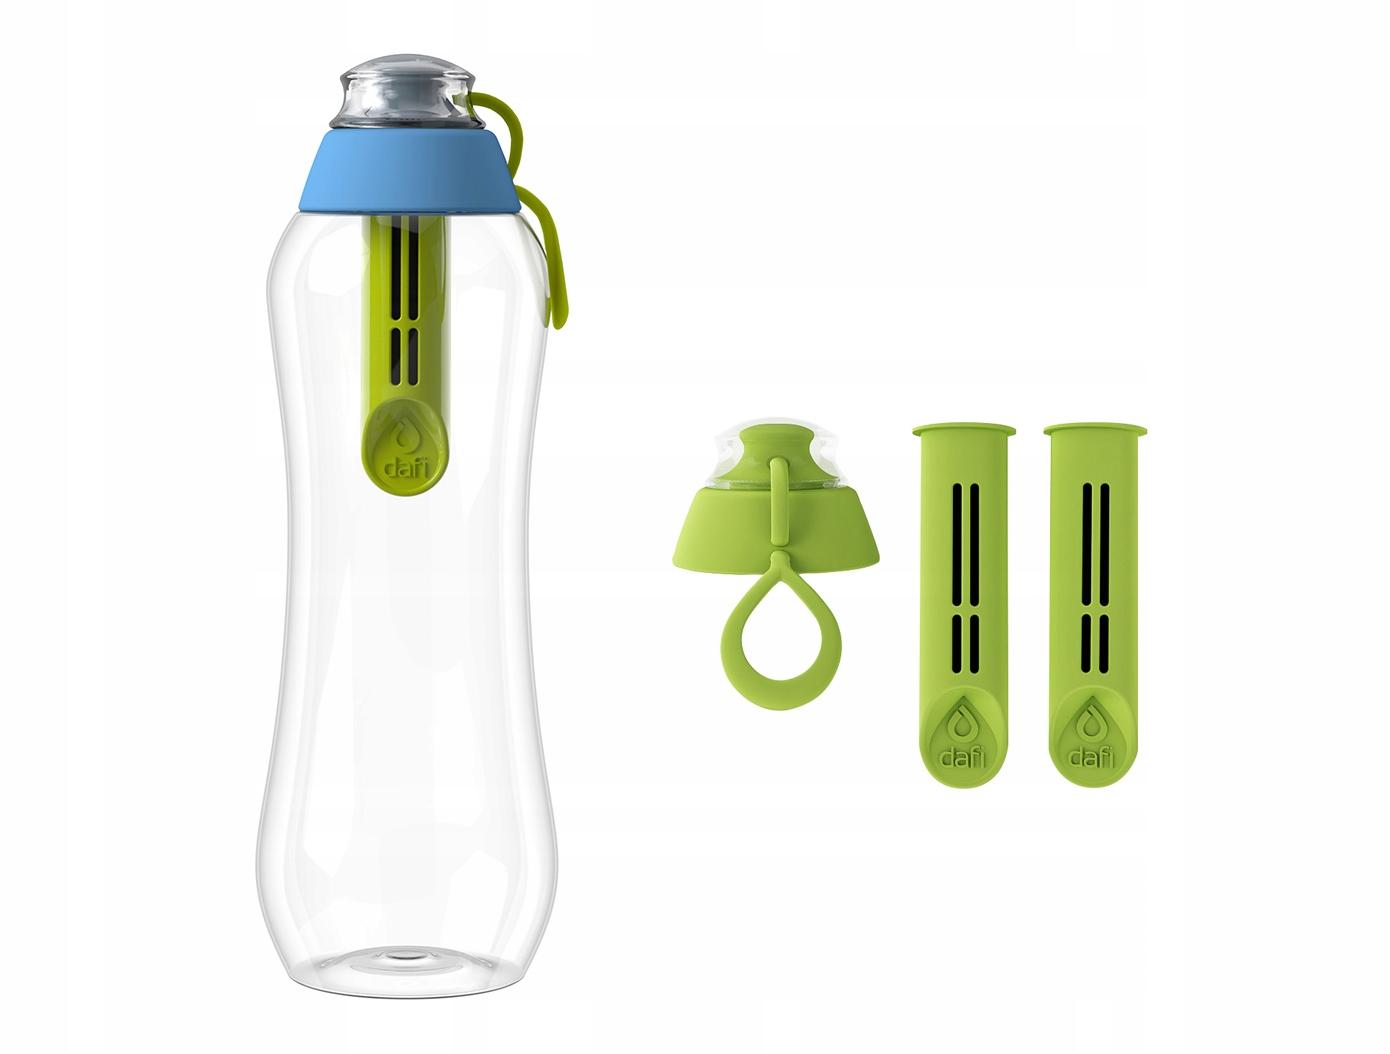 Limitowana butelka filtrująca DAFI 0,5L + 3 filtry 8772778122 - Sklep internetowy AGD, RTV, telefony, laptopy - Allegro.pl